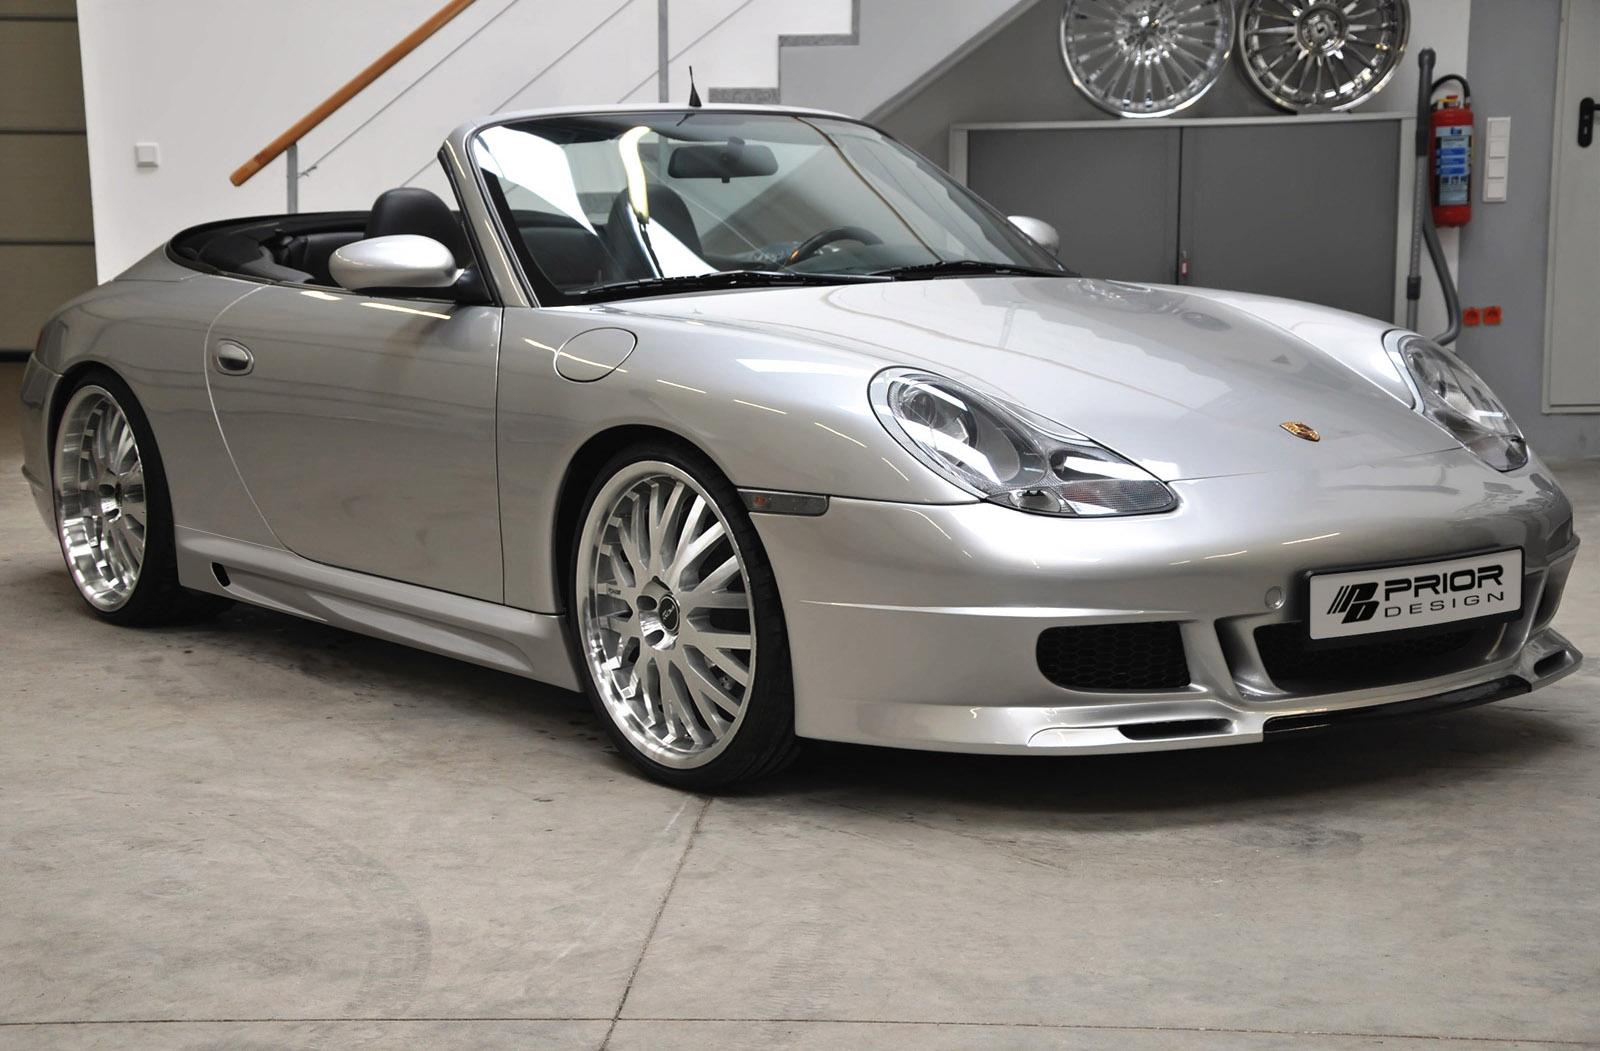 Prior Design Porsche 996 Carrera Picture 37125